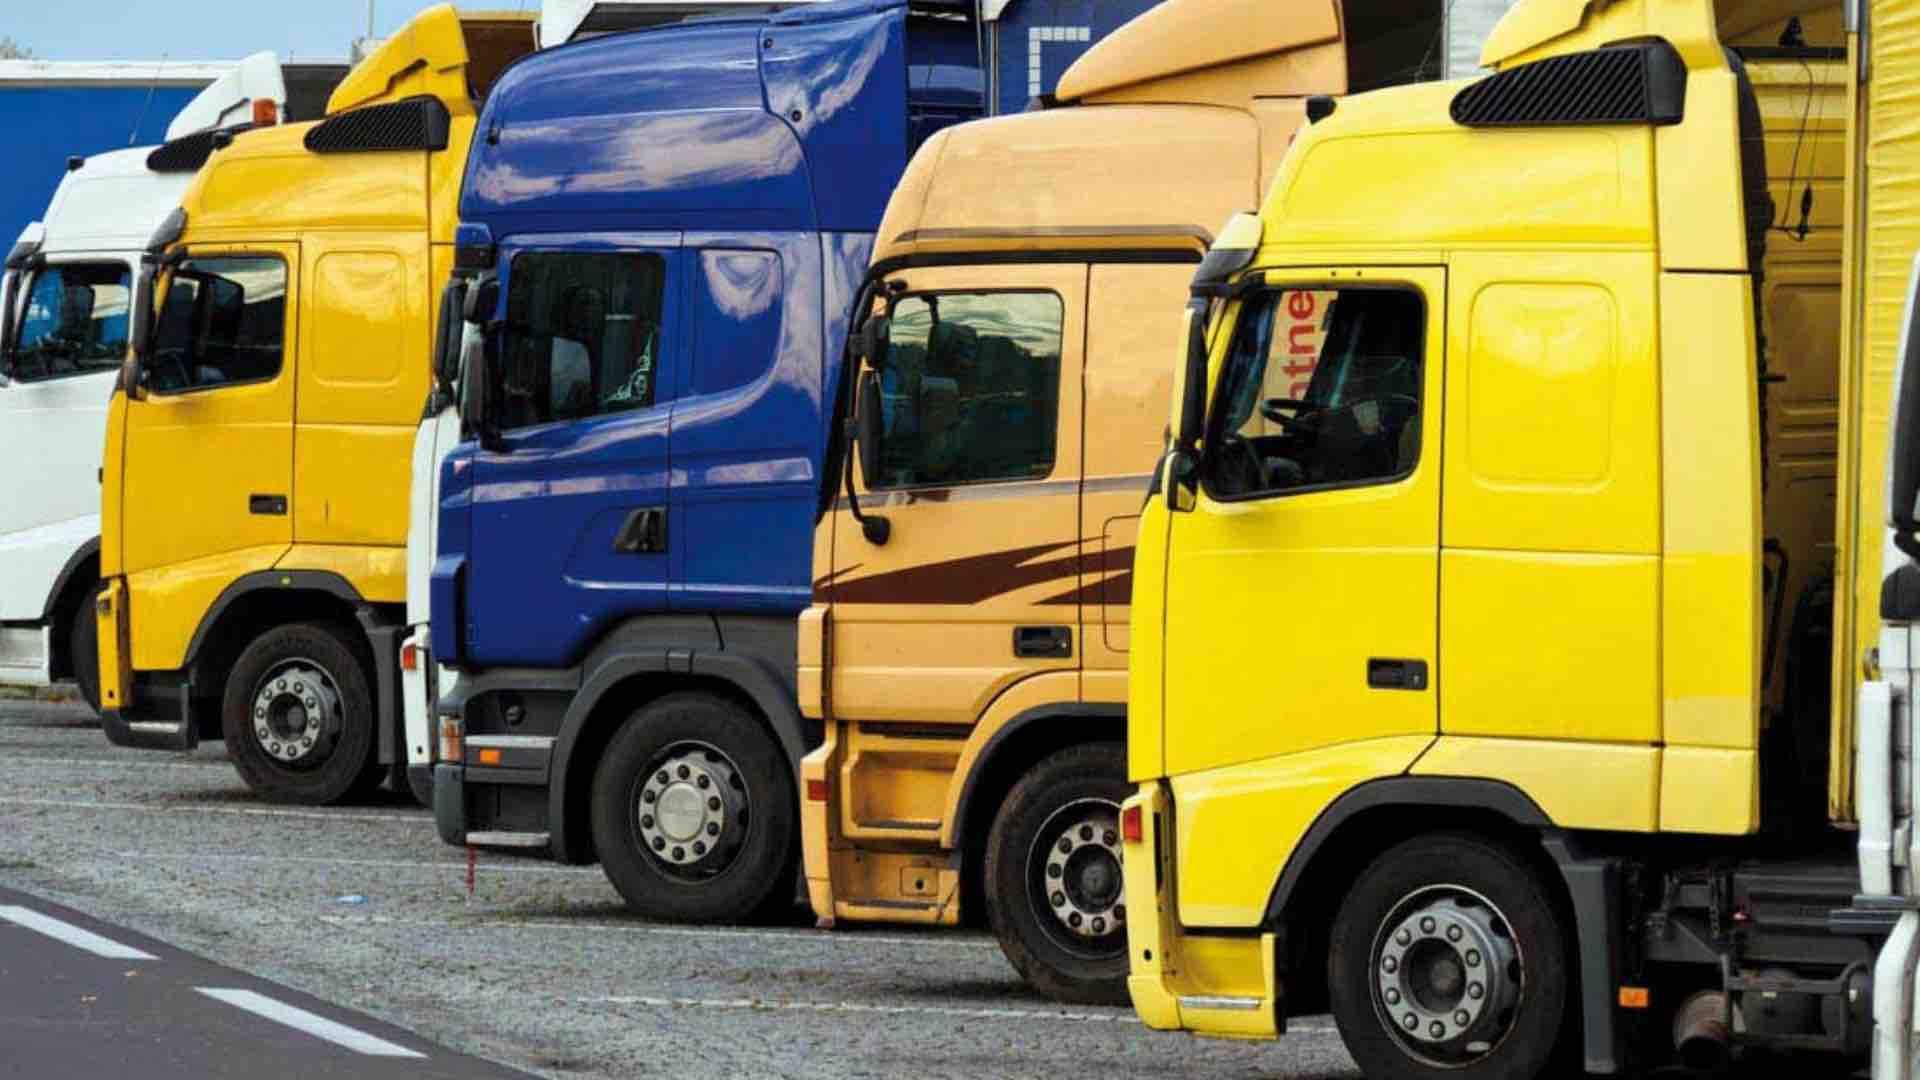 Nuove procedure operative per la revisione dei veicoli con massa complessiva superiore a 35 ton dovute allemergenza COVID 19.